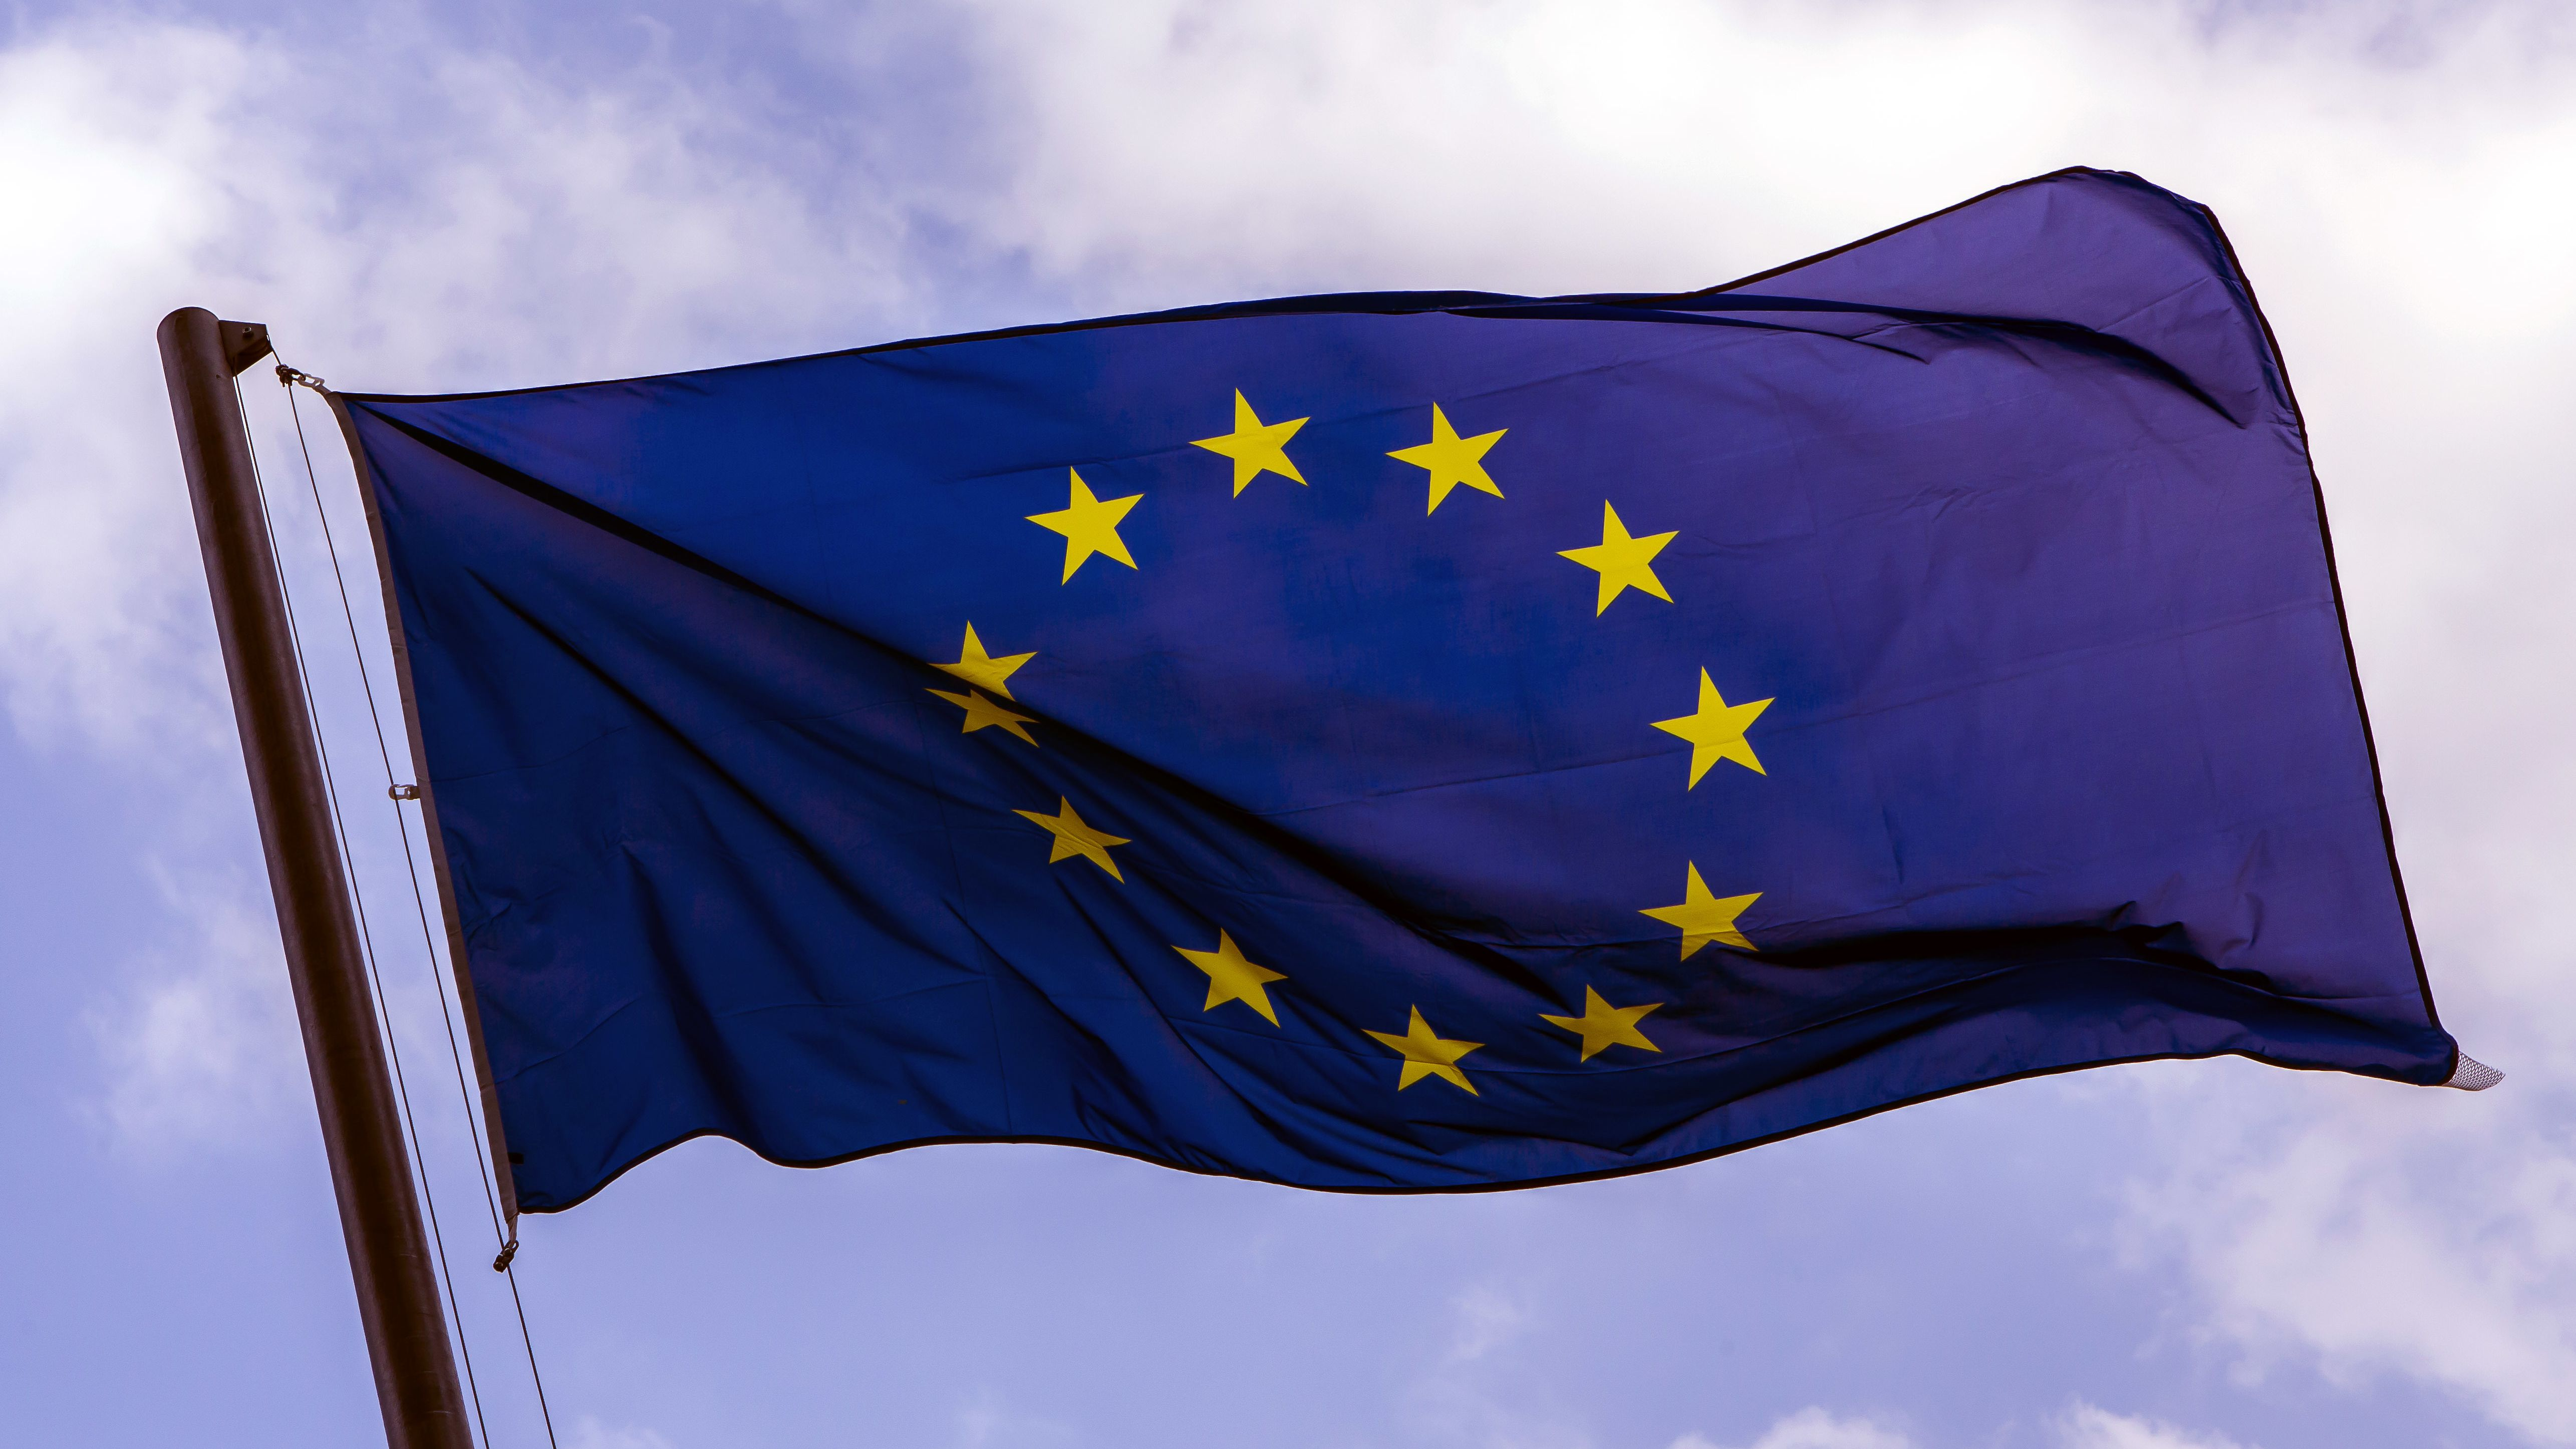 Symbilbild: Europaflagge